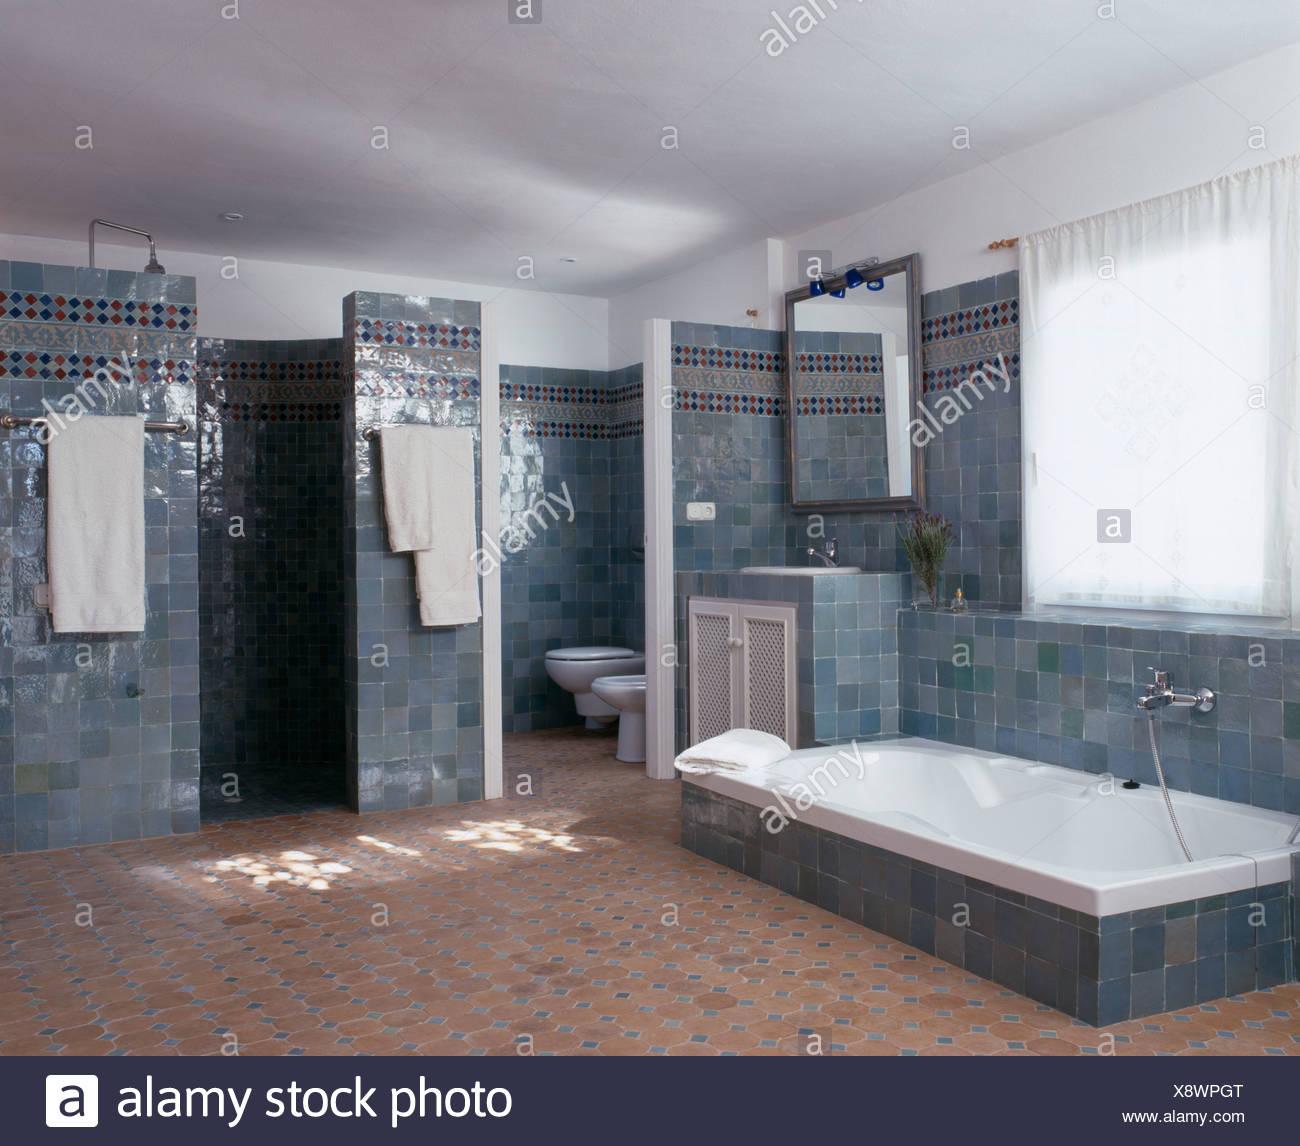 Versunkene Bad In Grau Blauen Spanischen Badezimmer Mit Terrakotta